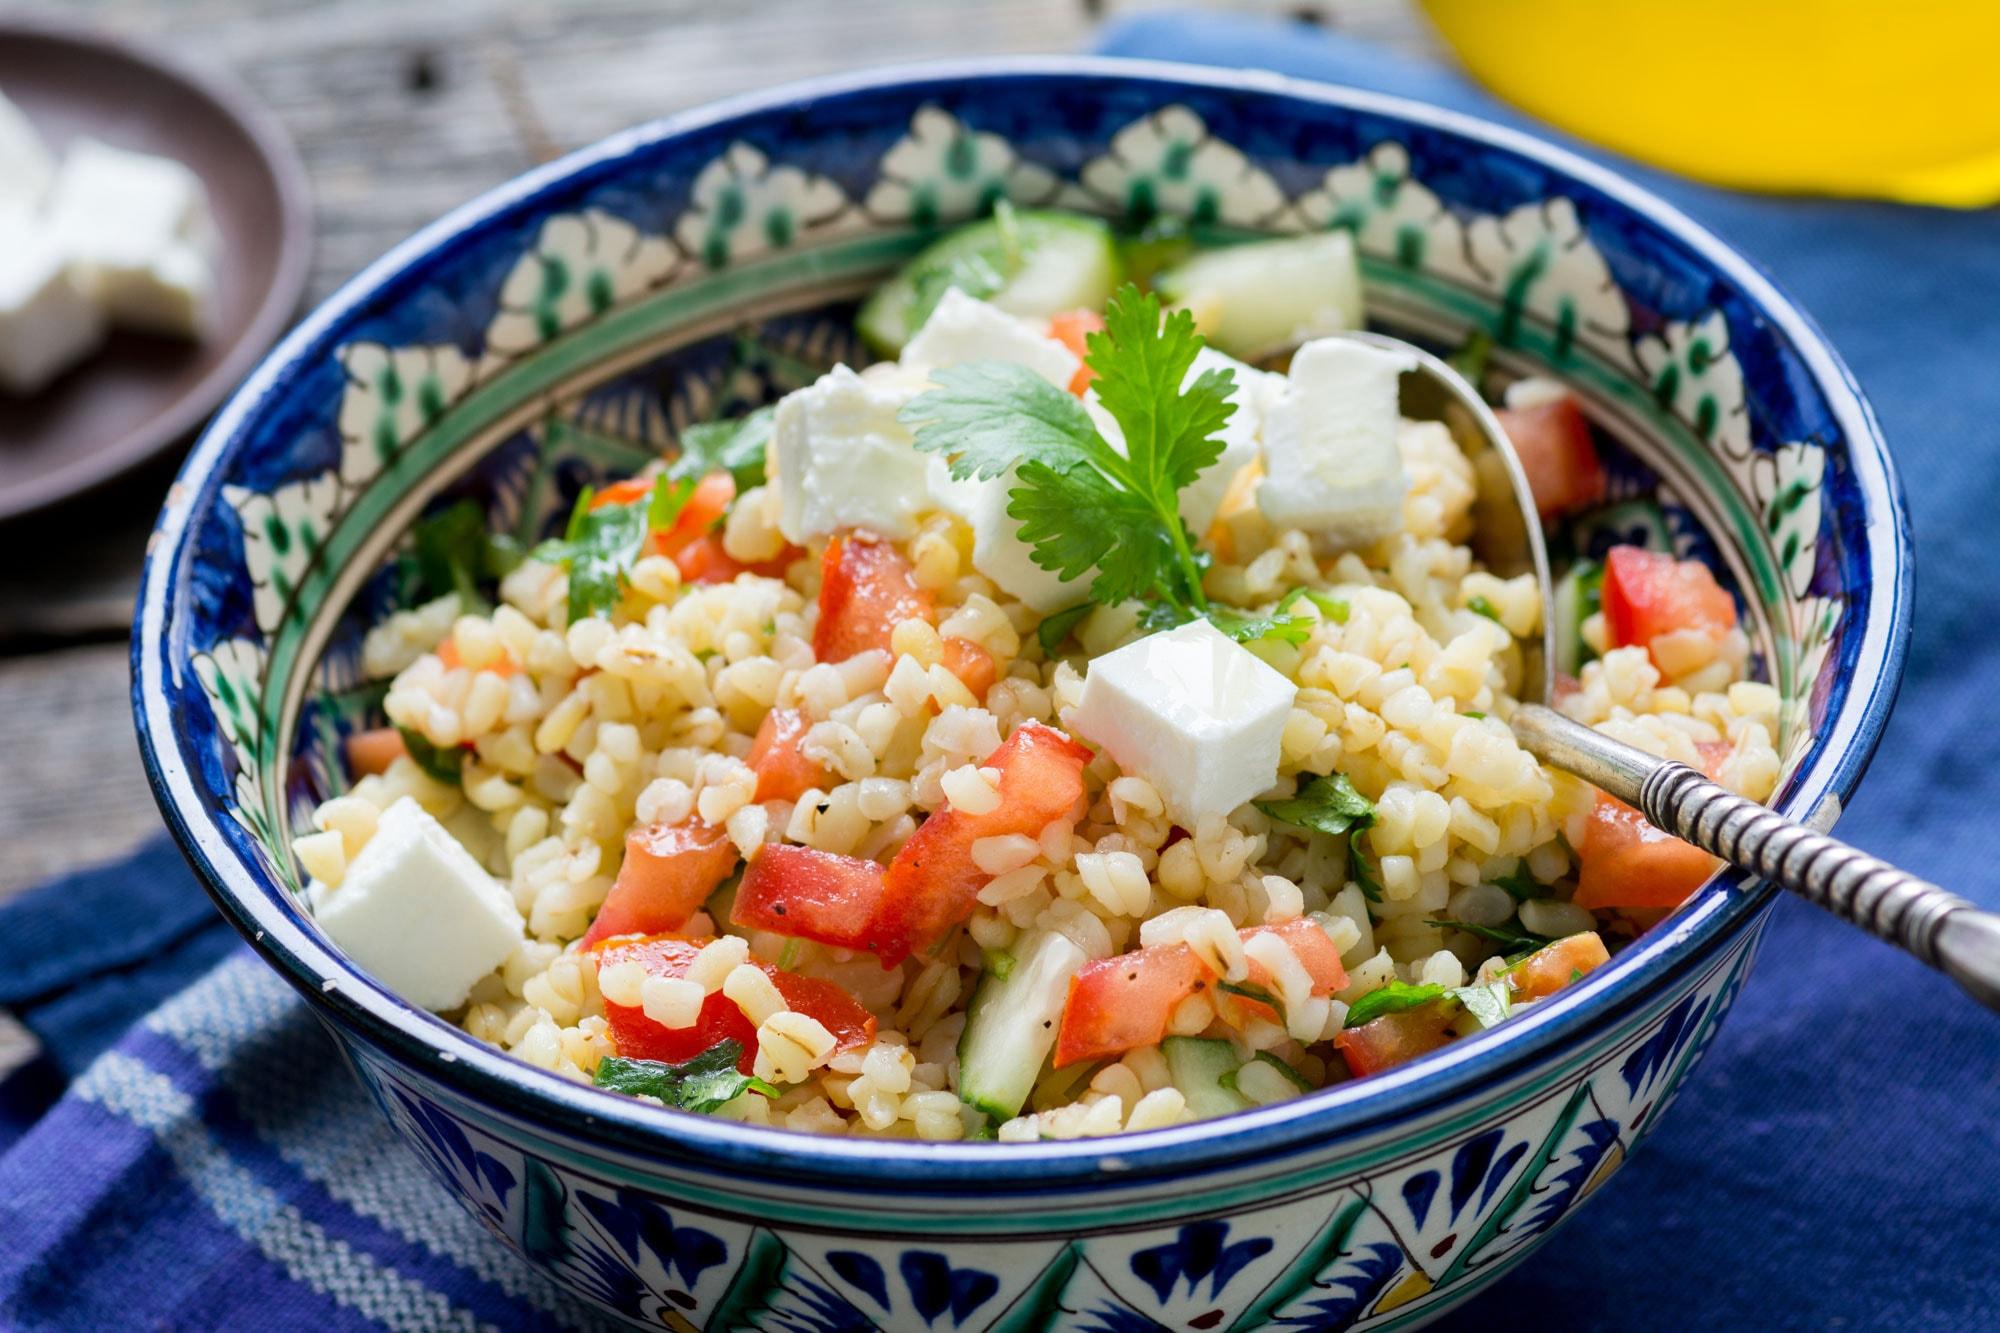 Top 5 étel a könnyű és gyors fogyásért | Well&fit